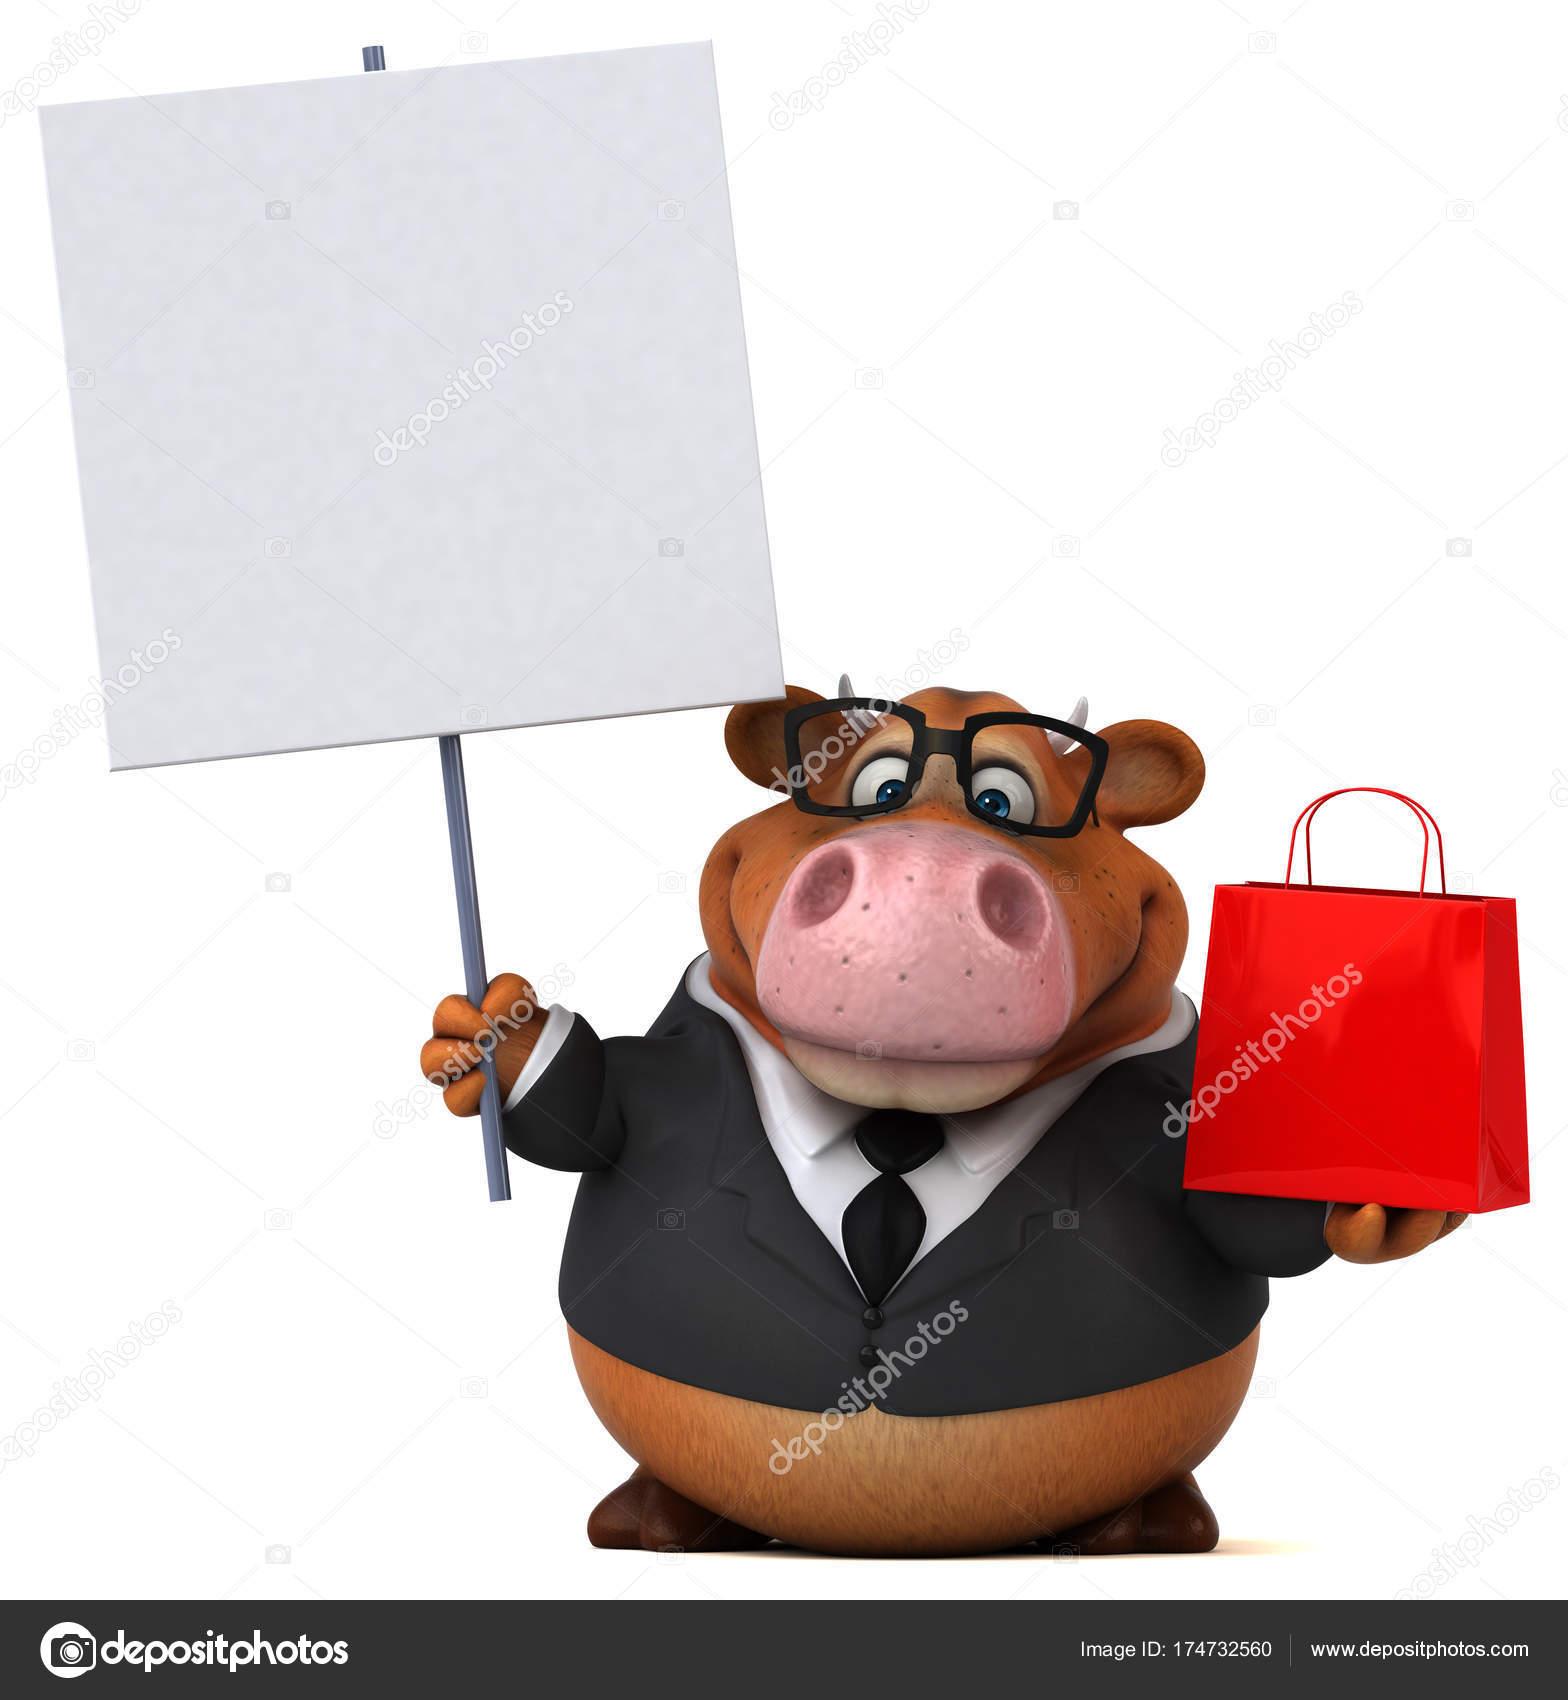 Personagem Desenho Animado Divertido Com Sacola Compras Ilustração